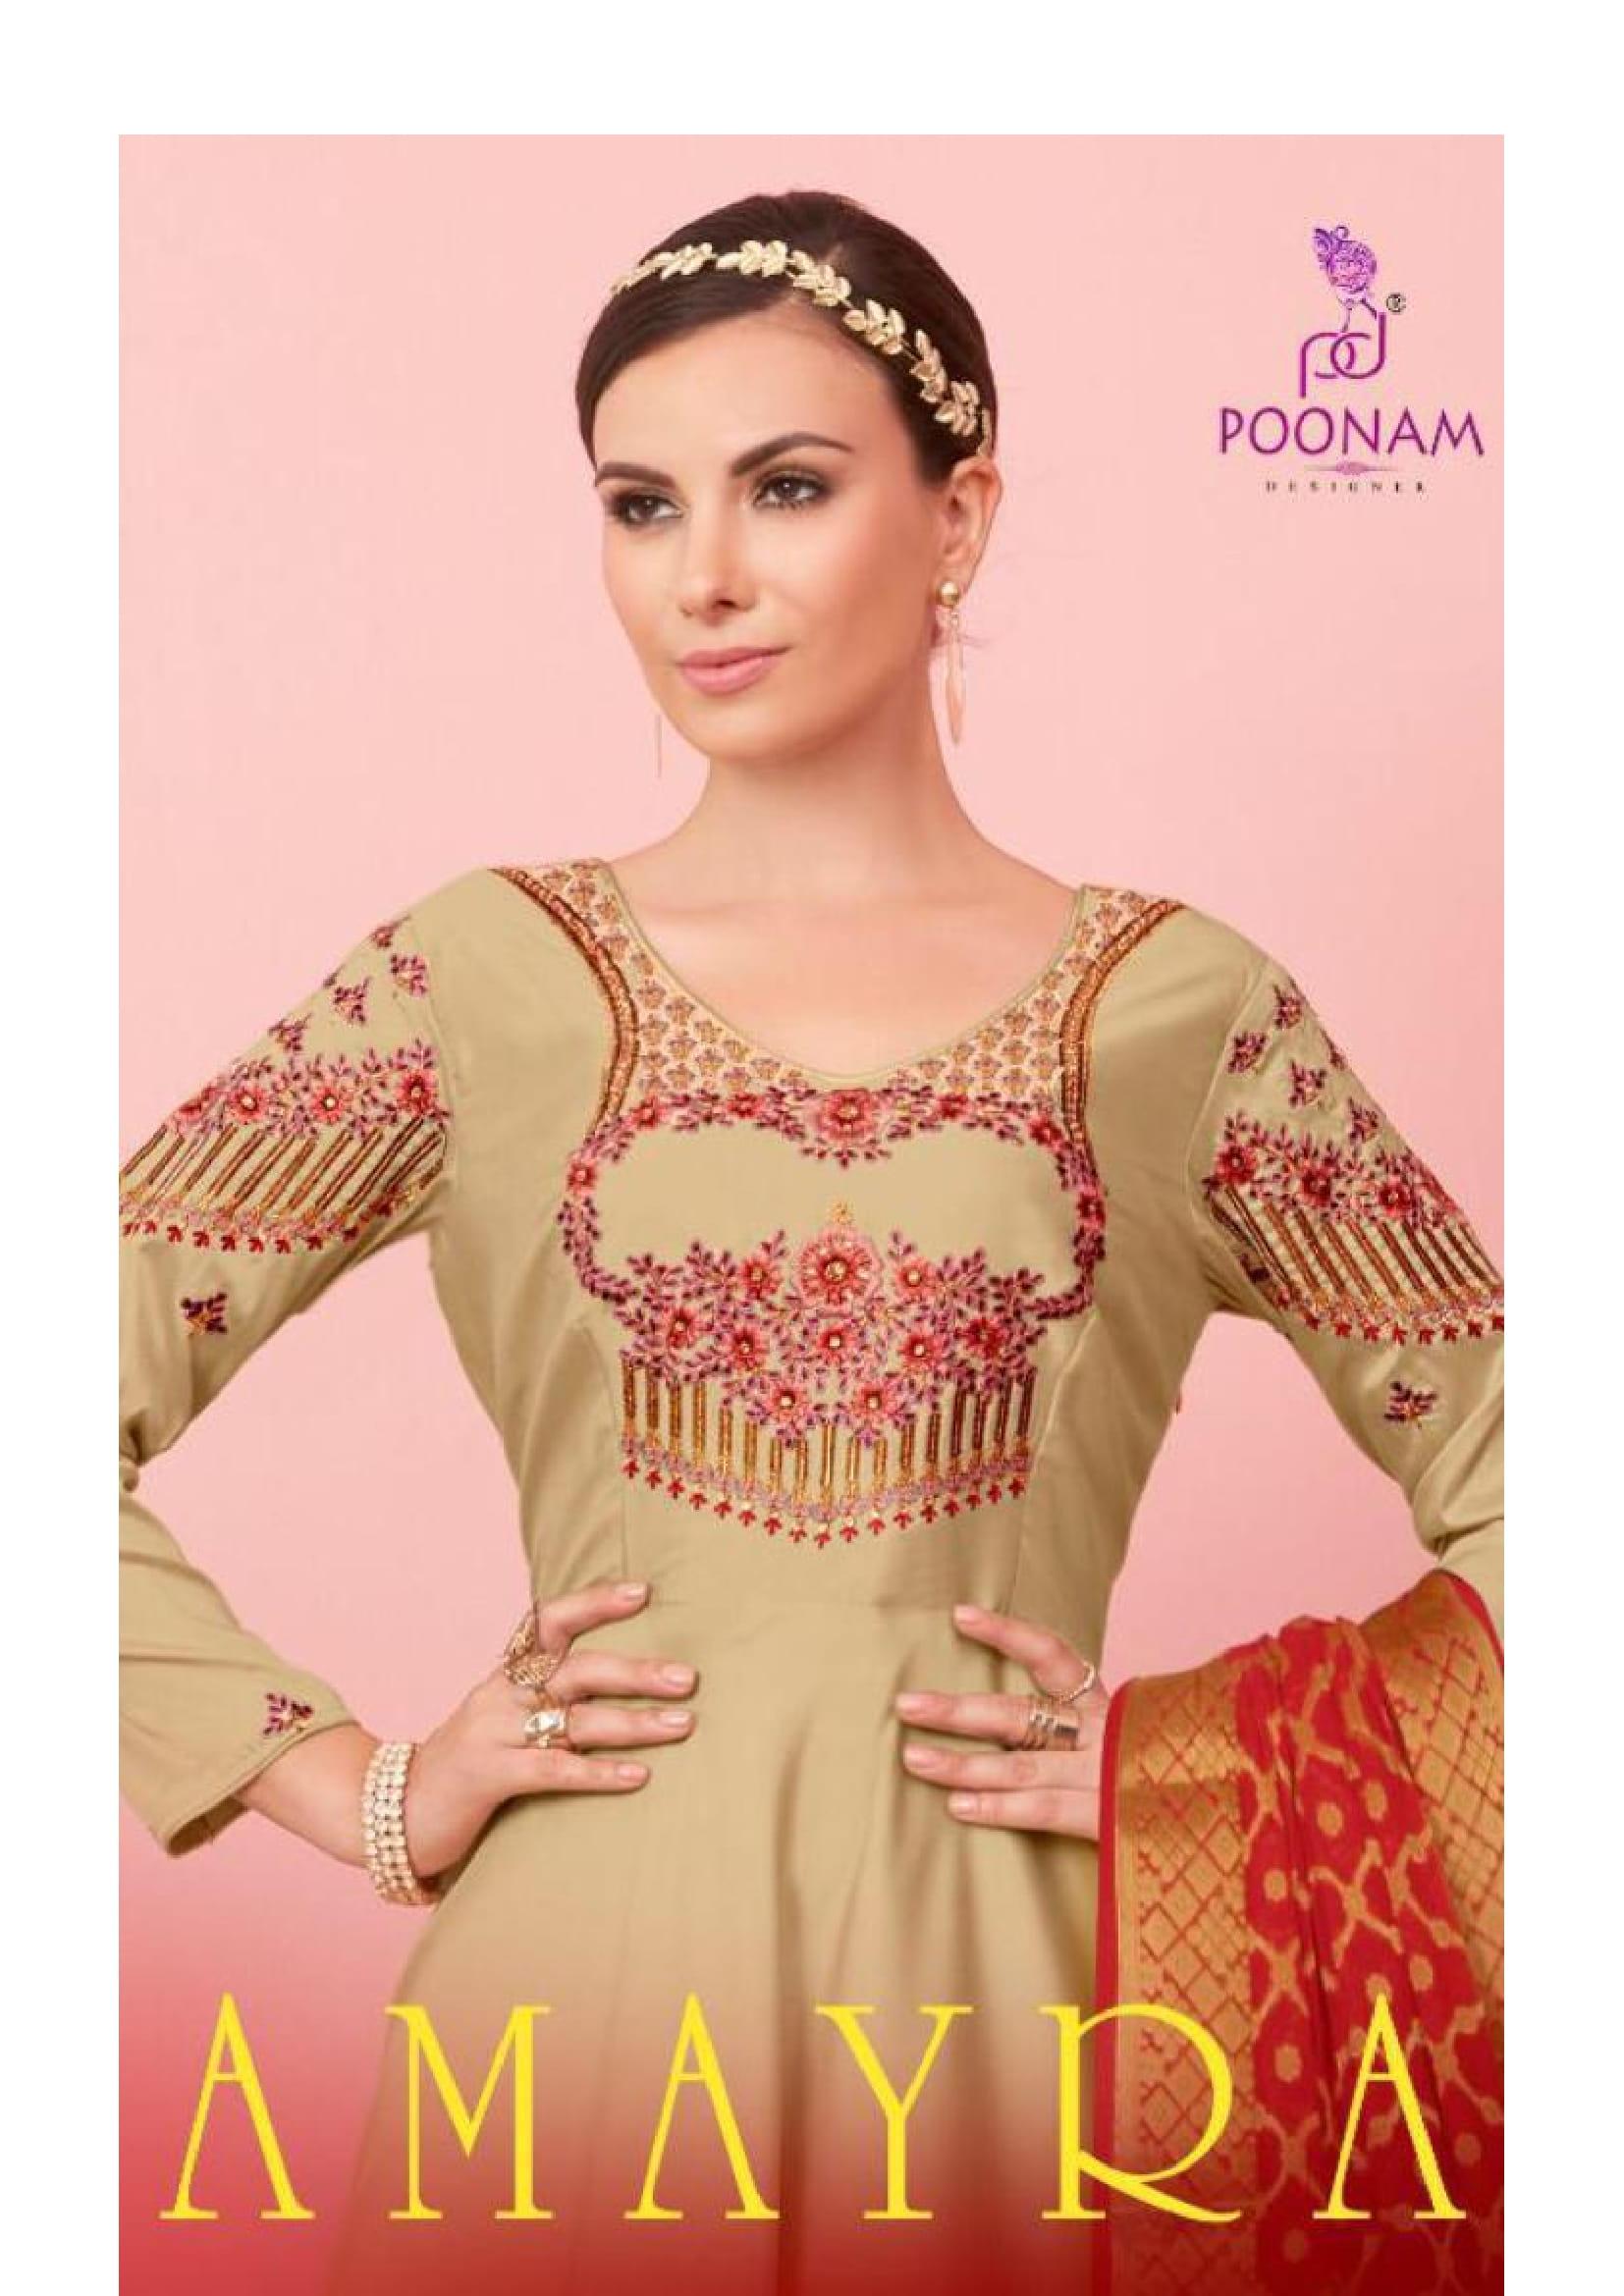 fd0bca0529 POONAM DESIGNER | Tirupati Wholesale